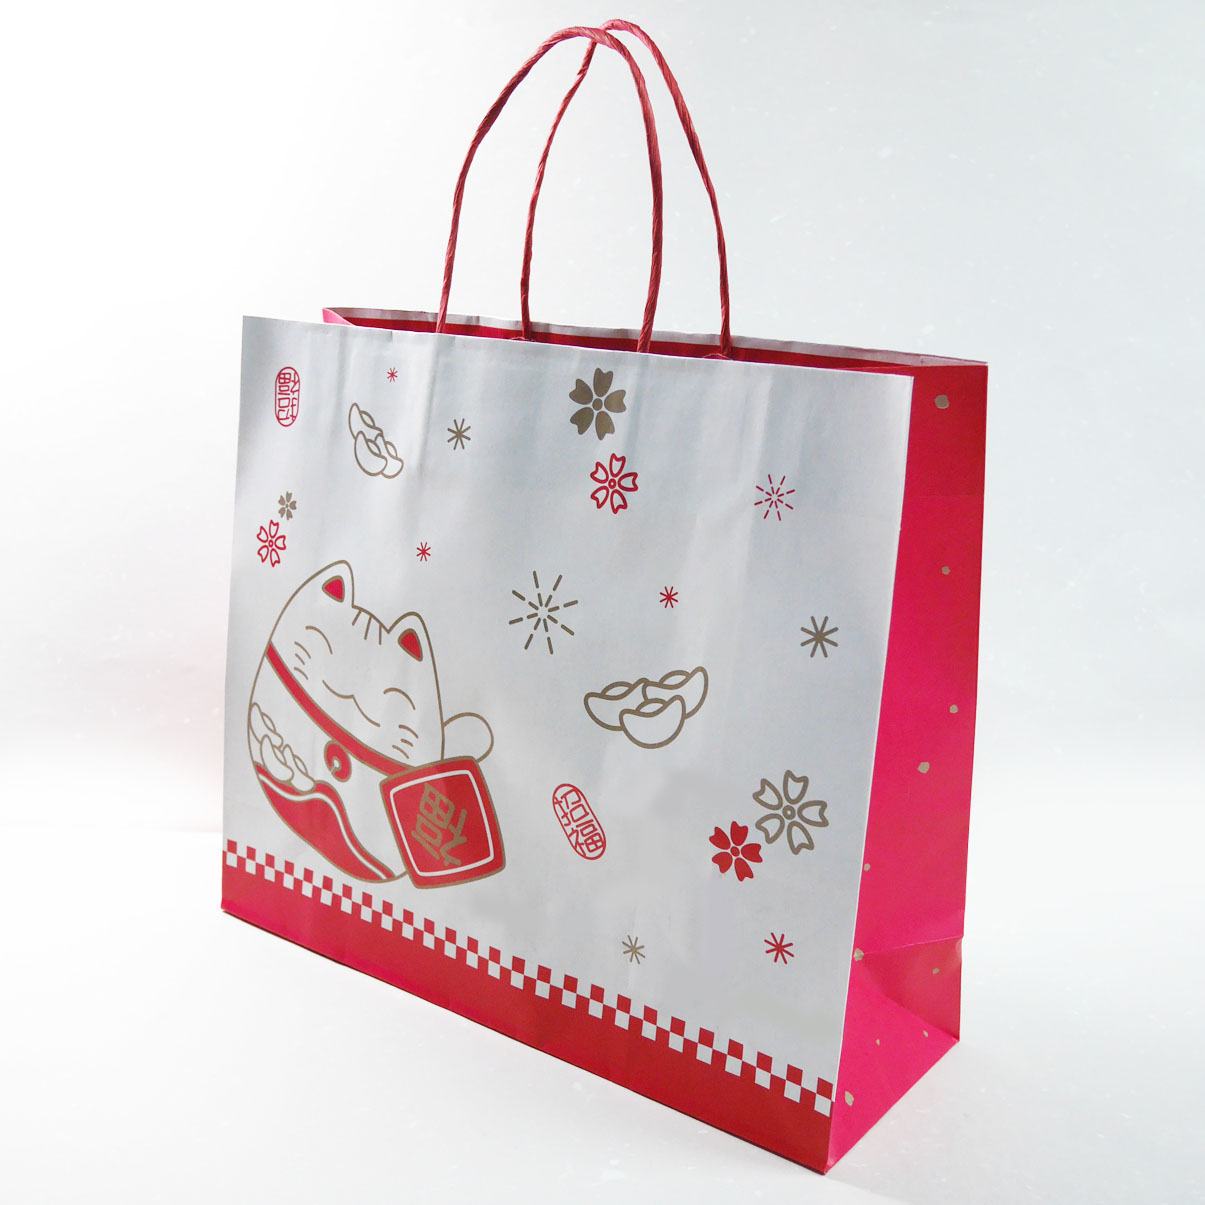 《袋袋相傳》M9 春節紙袋-招財貓3K紙袋.jpg